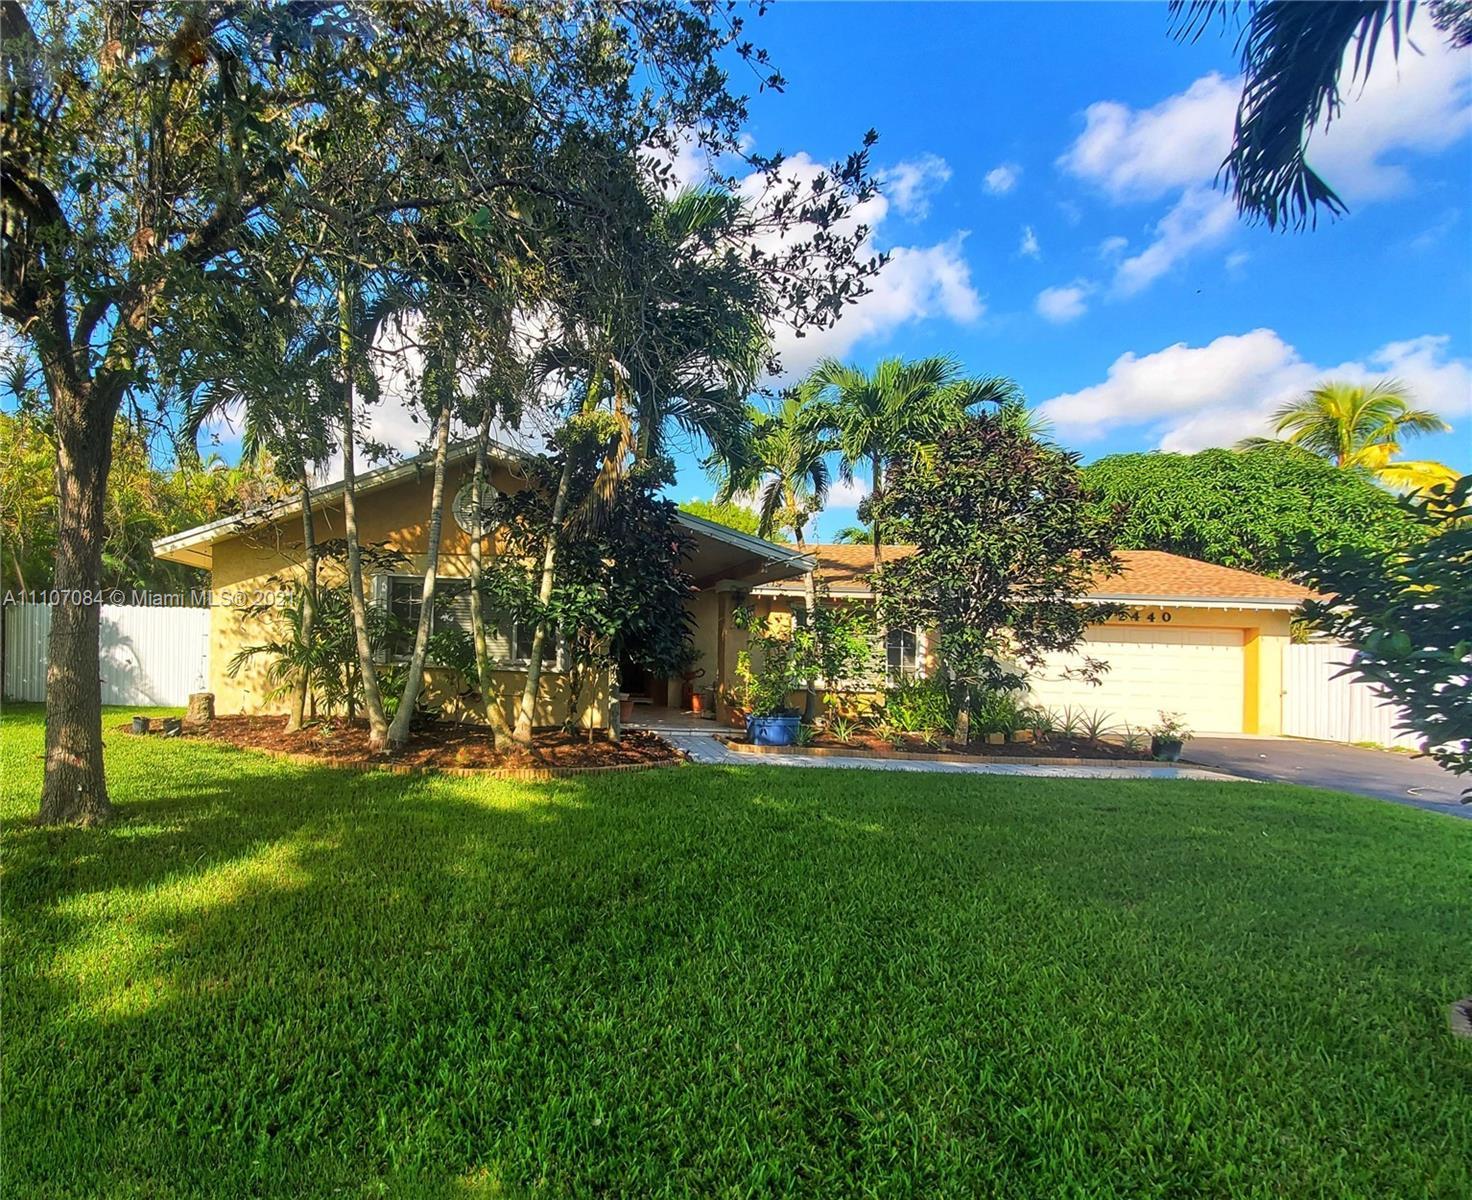 Pine Shore - 12440 SW 112th Ave, Miami, FL 33176